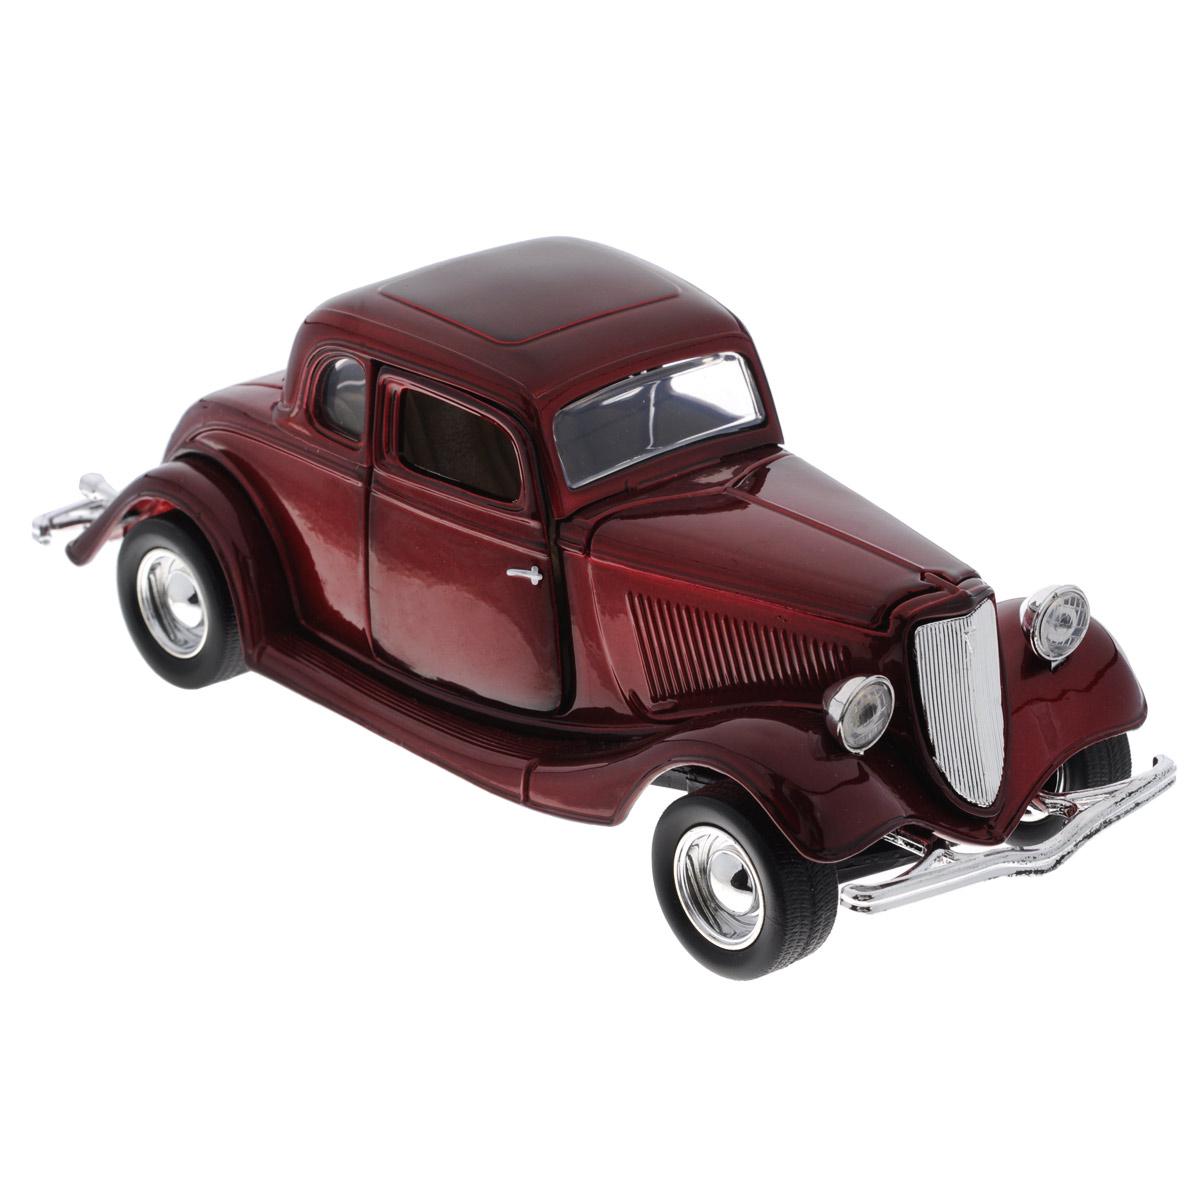 Купить MotorMax Модель автомобиля Ford Coupe 1932, MOTORMAX TOY FACTORY, Машинки